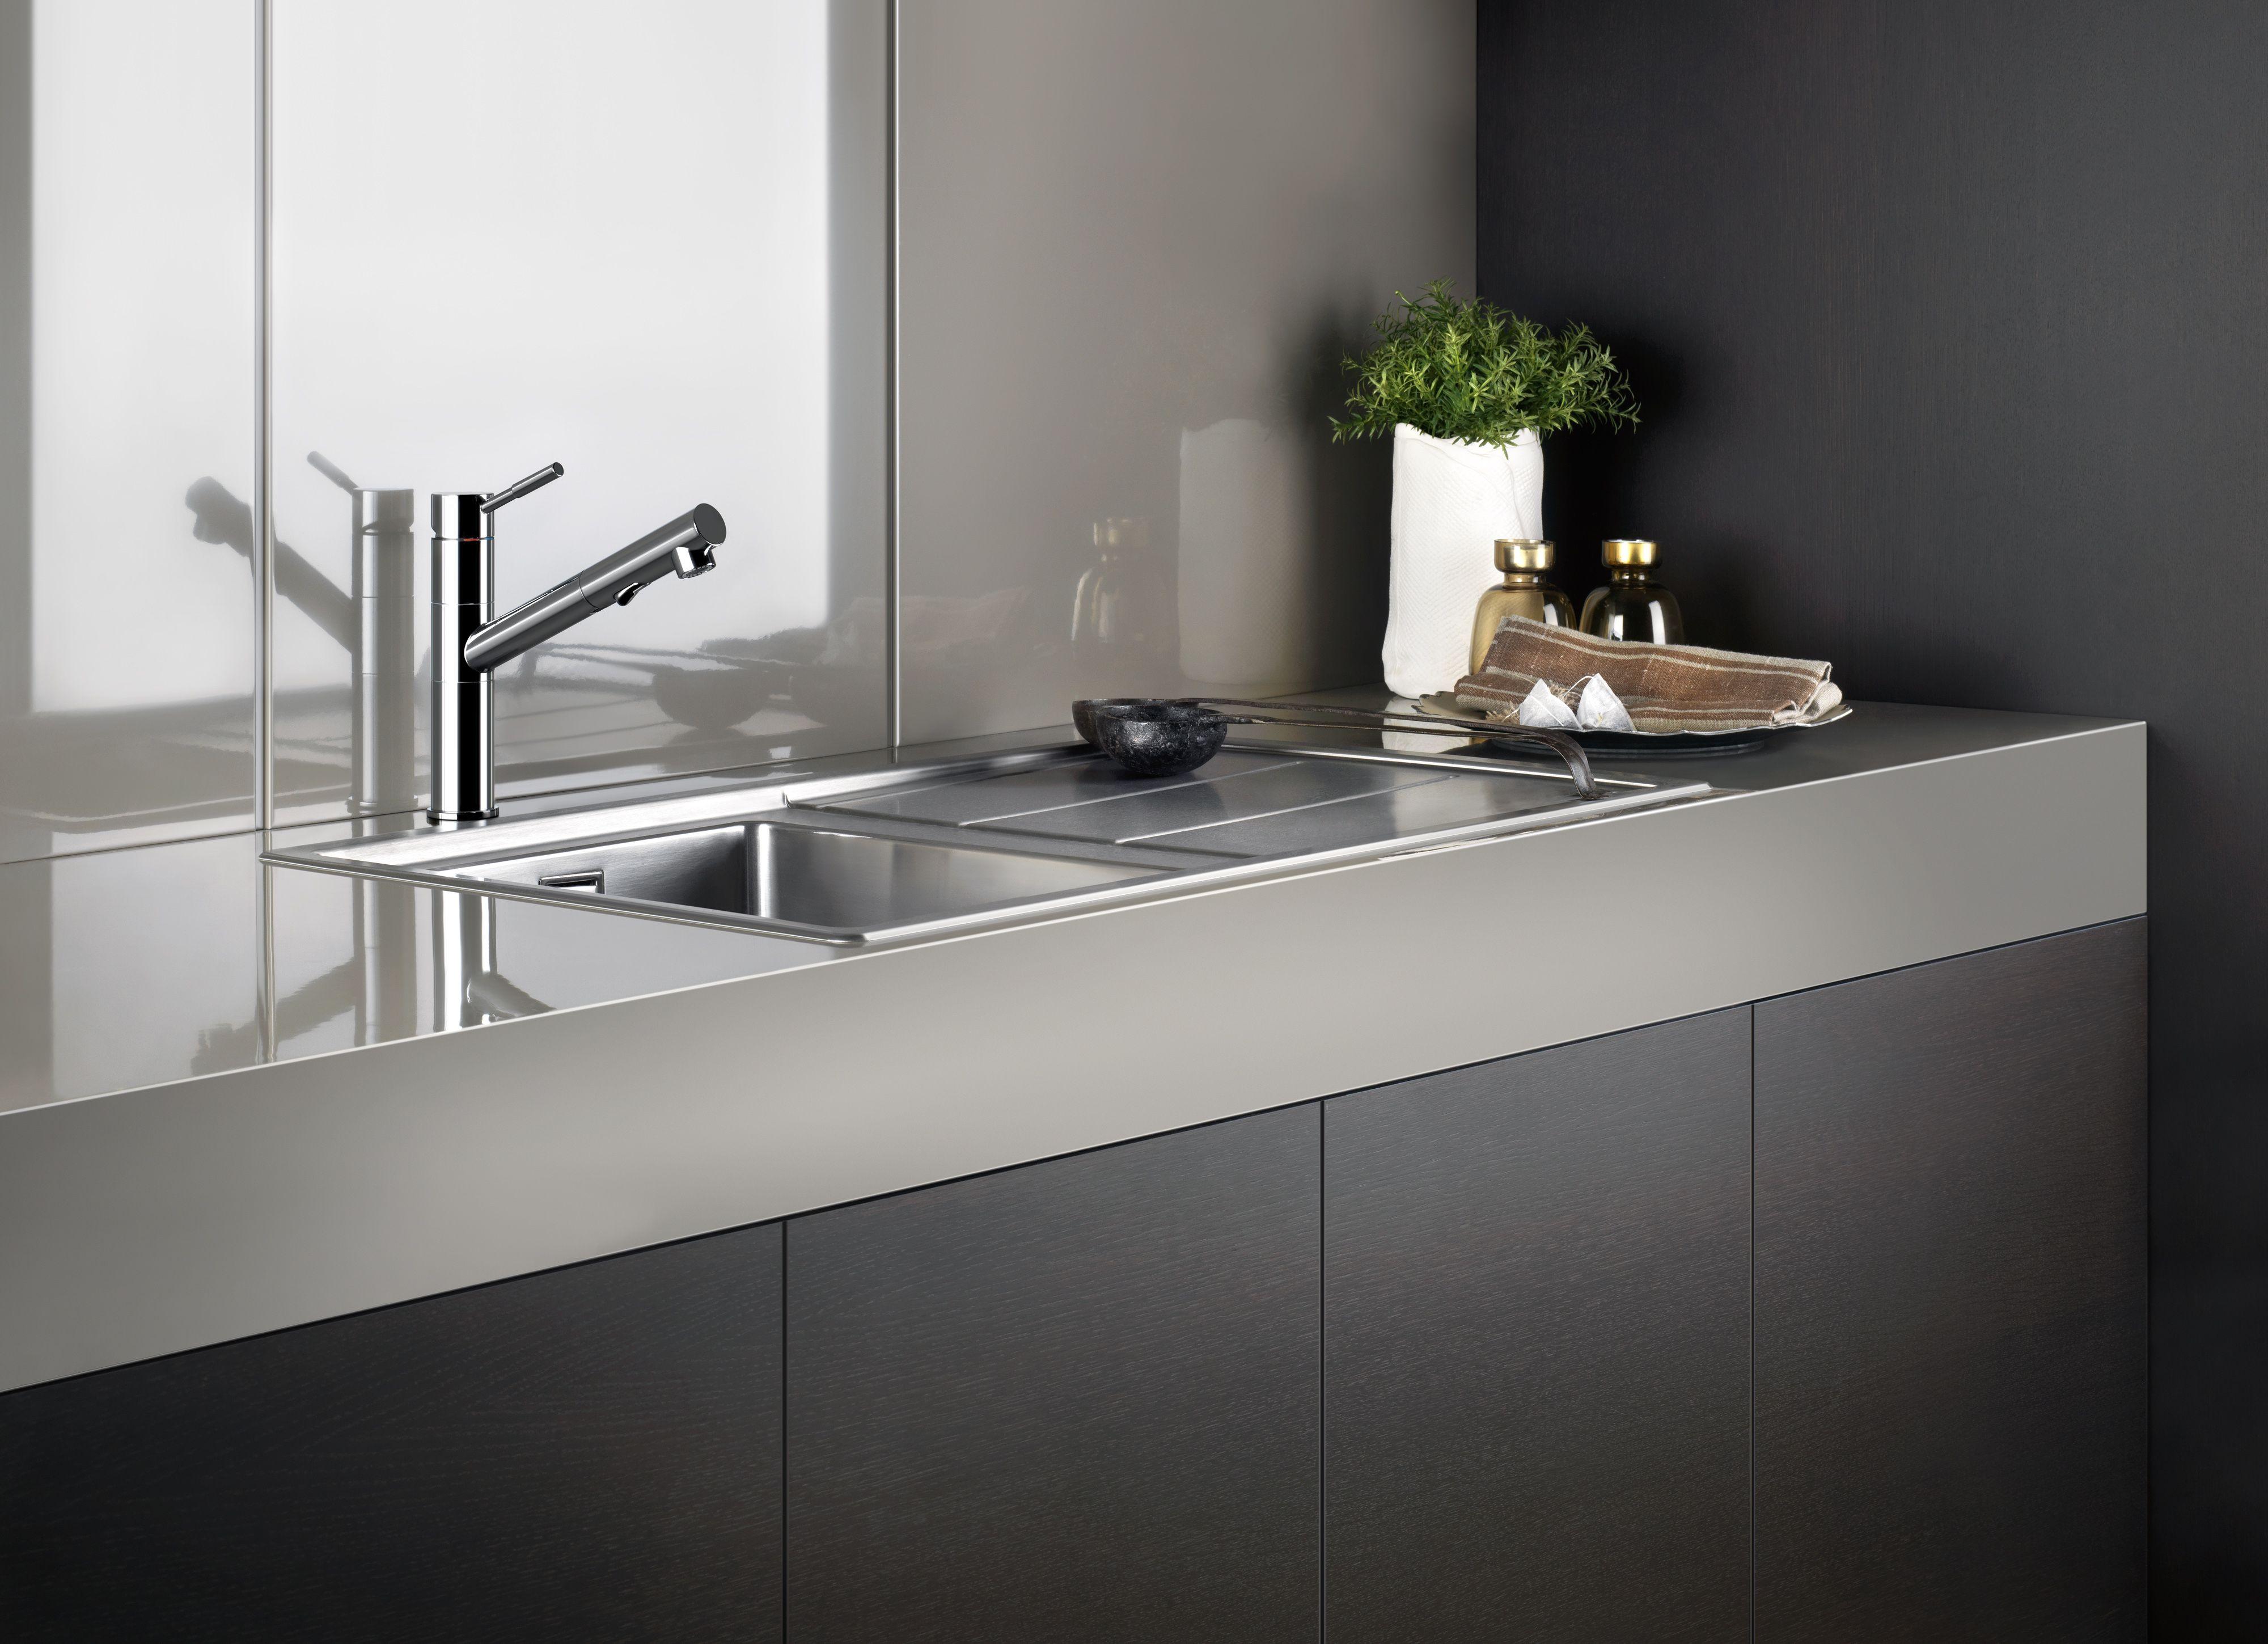 Niedlich Küchenarmaturen Room New York City Bilder - Ideen Für Die ...